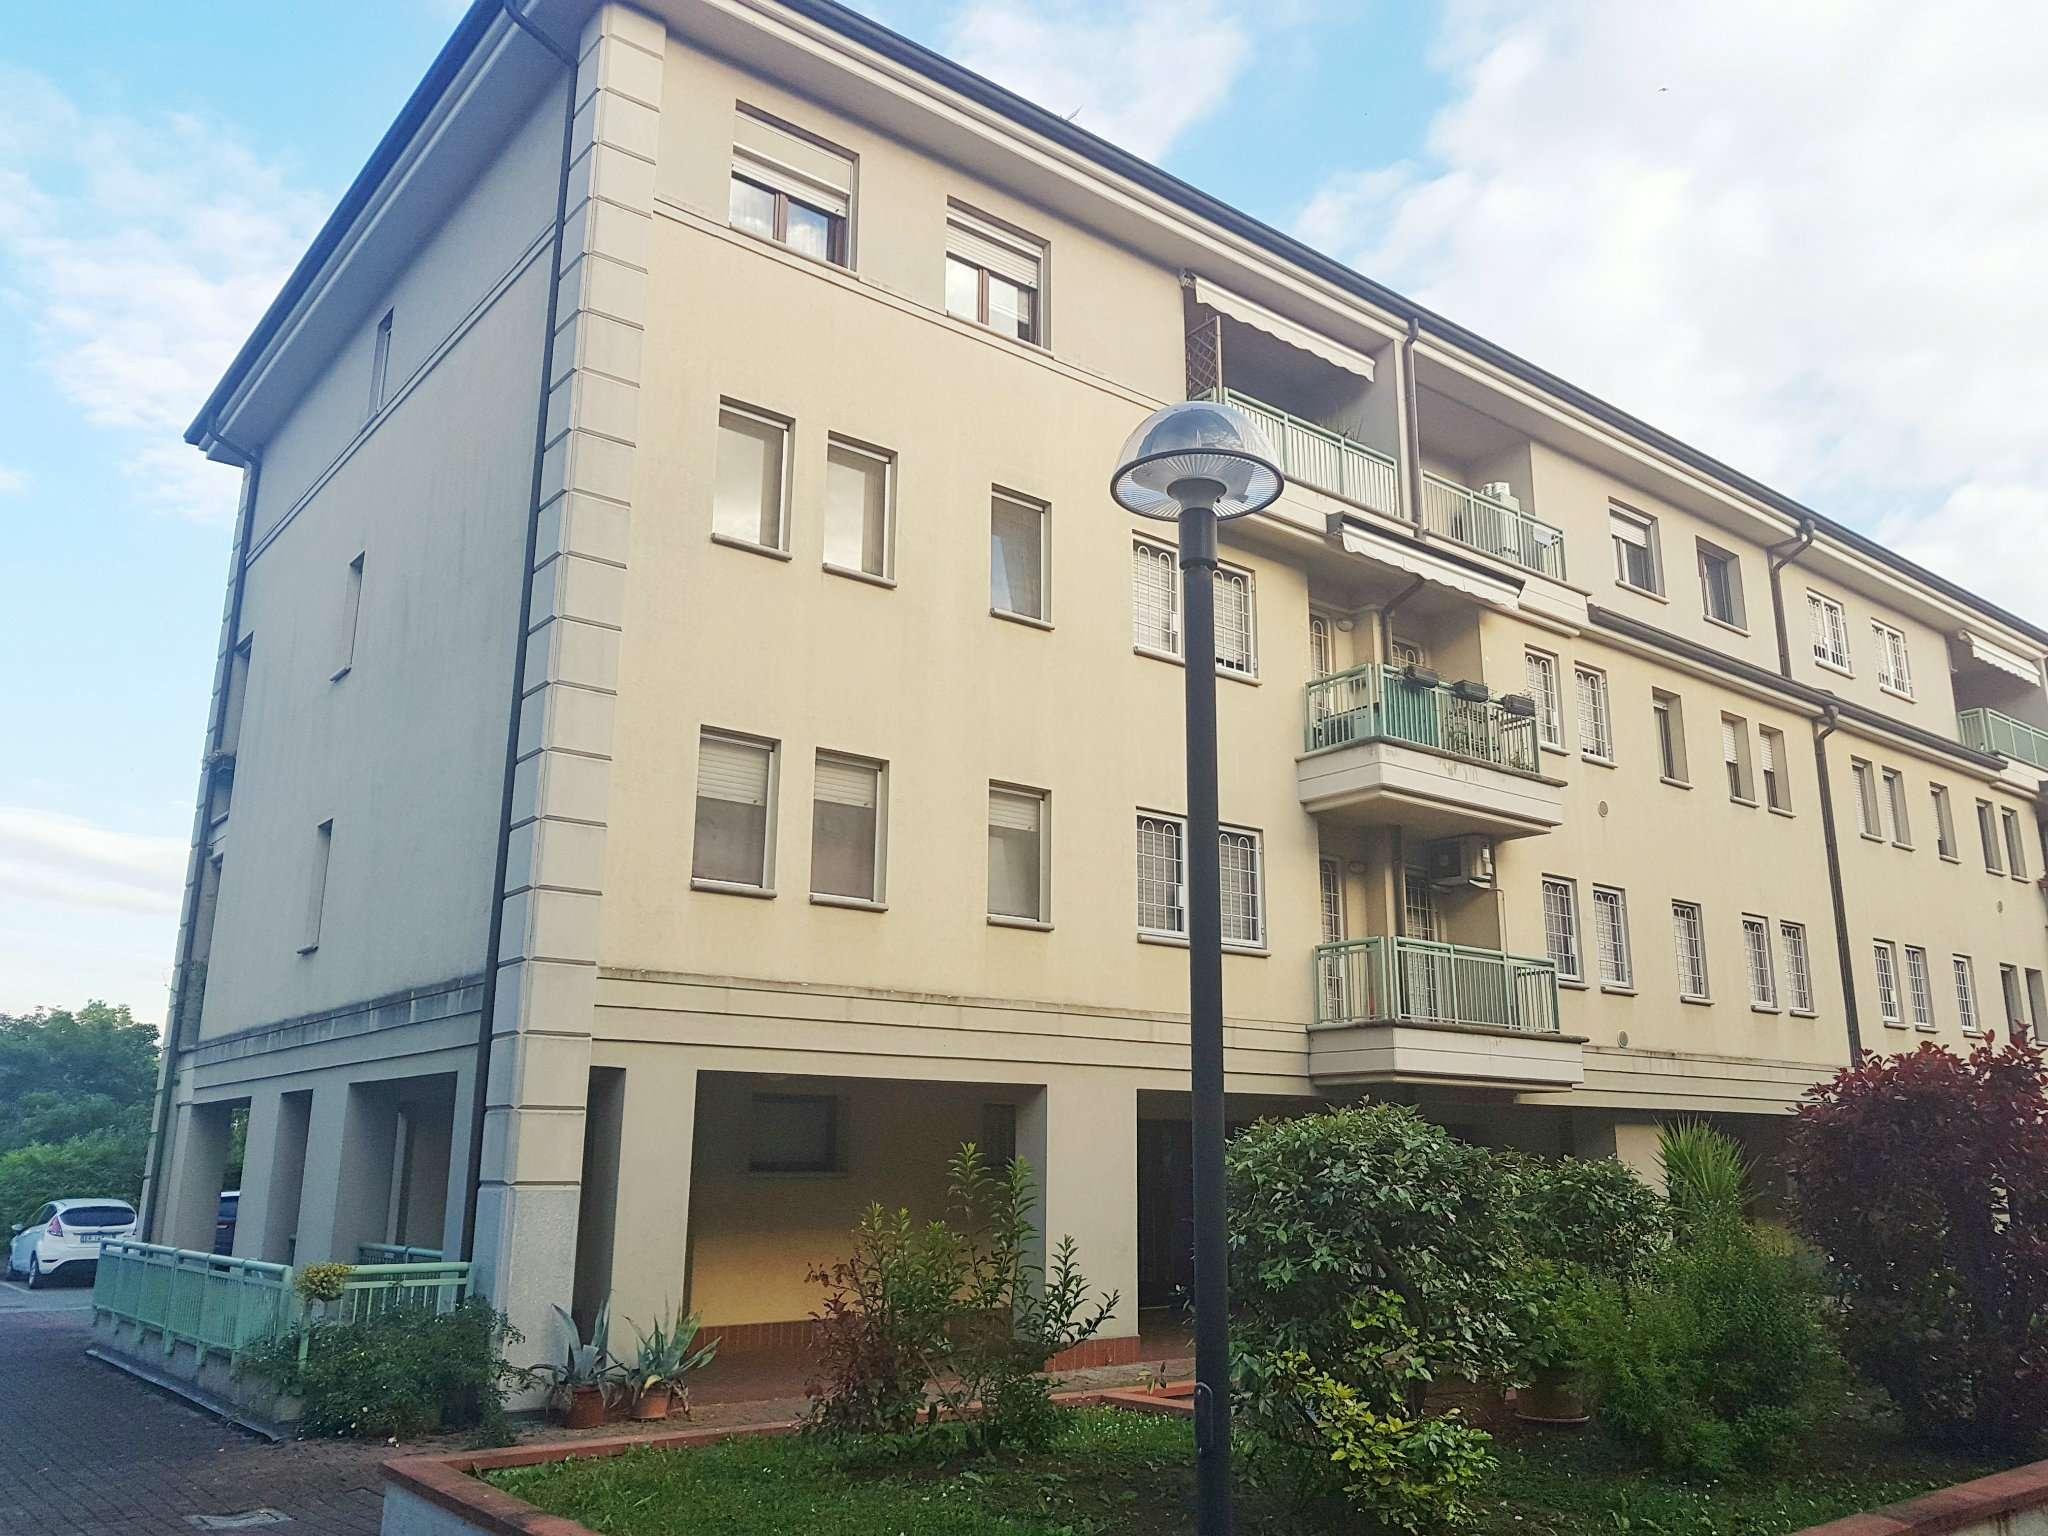 Appartamento in vendita a Castel Maggiore, 2 locali, prezzo € 149.000 | Cambio Casa.it